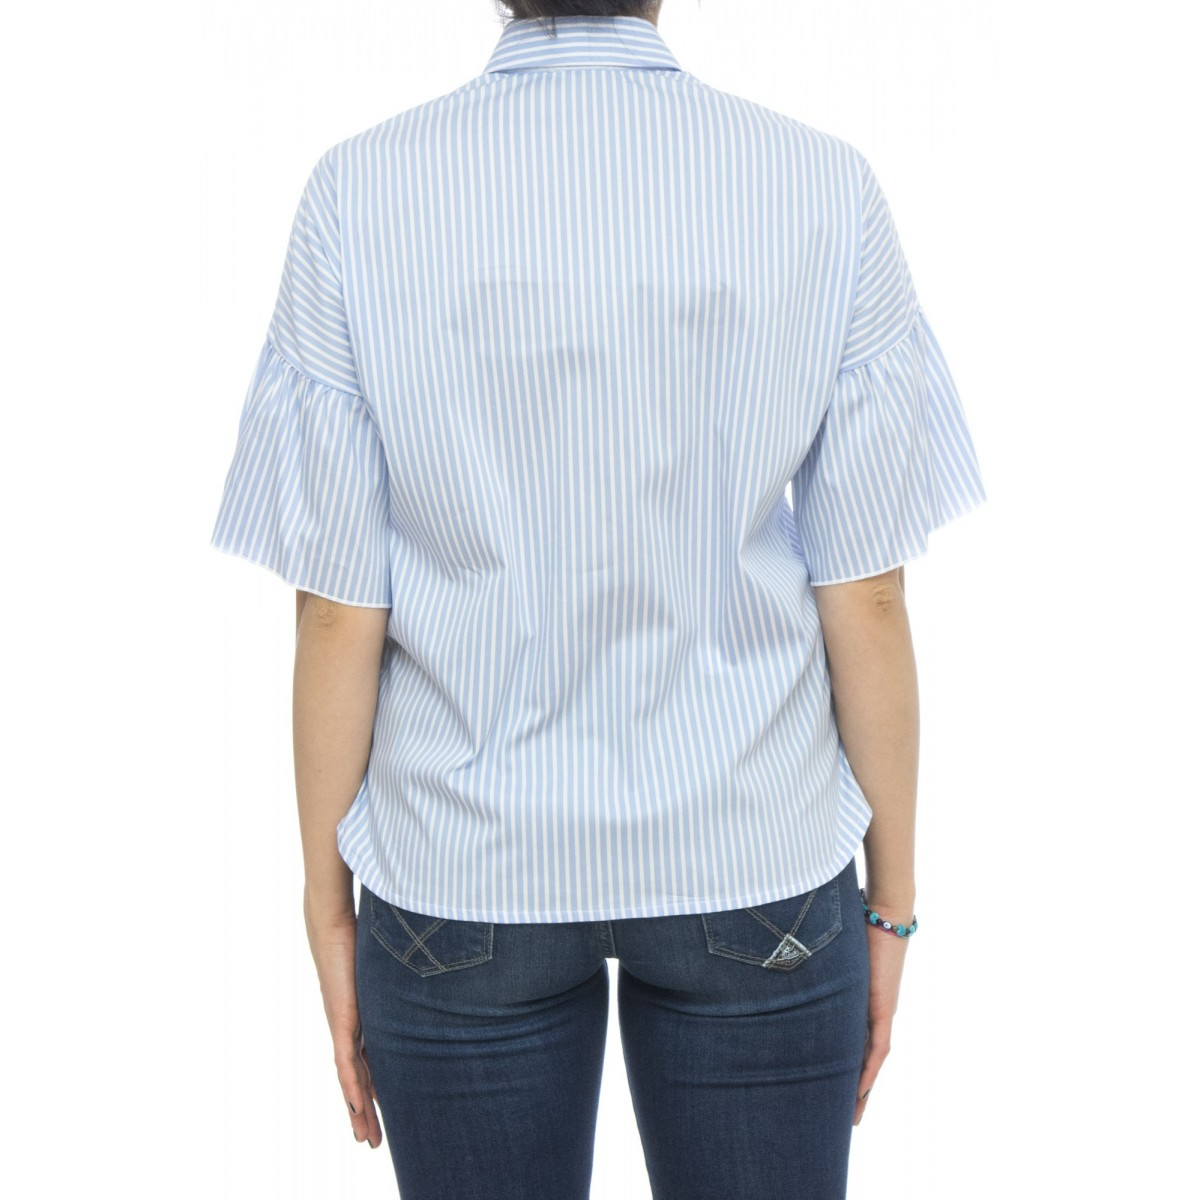 Camicia - Kanashima camicia rigata